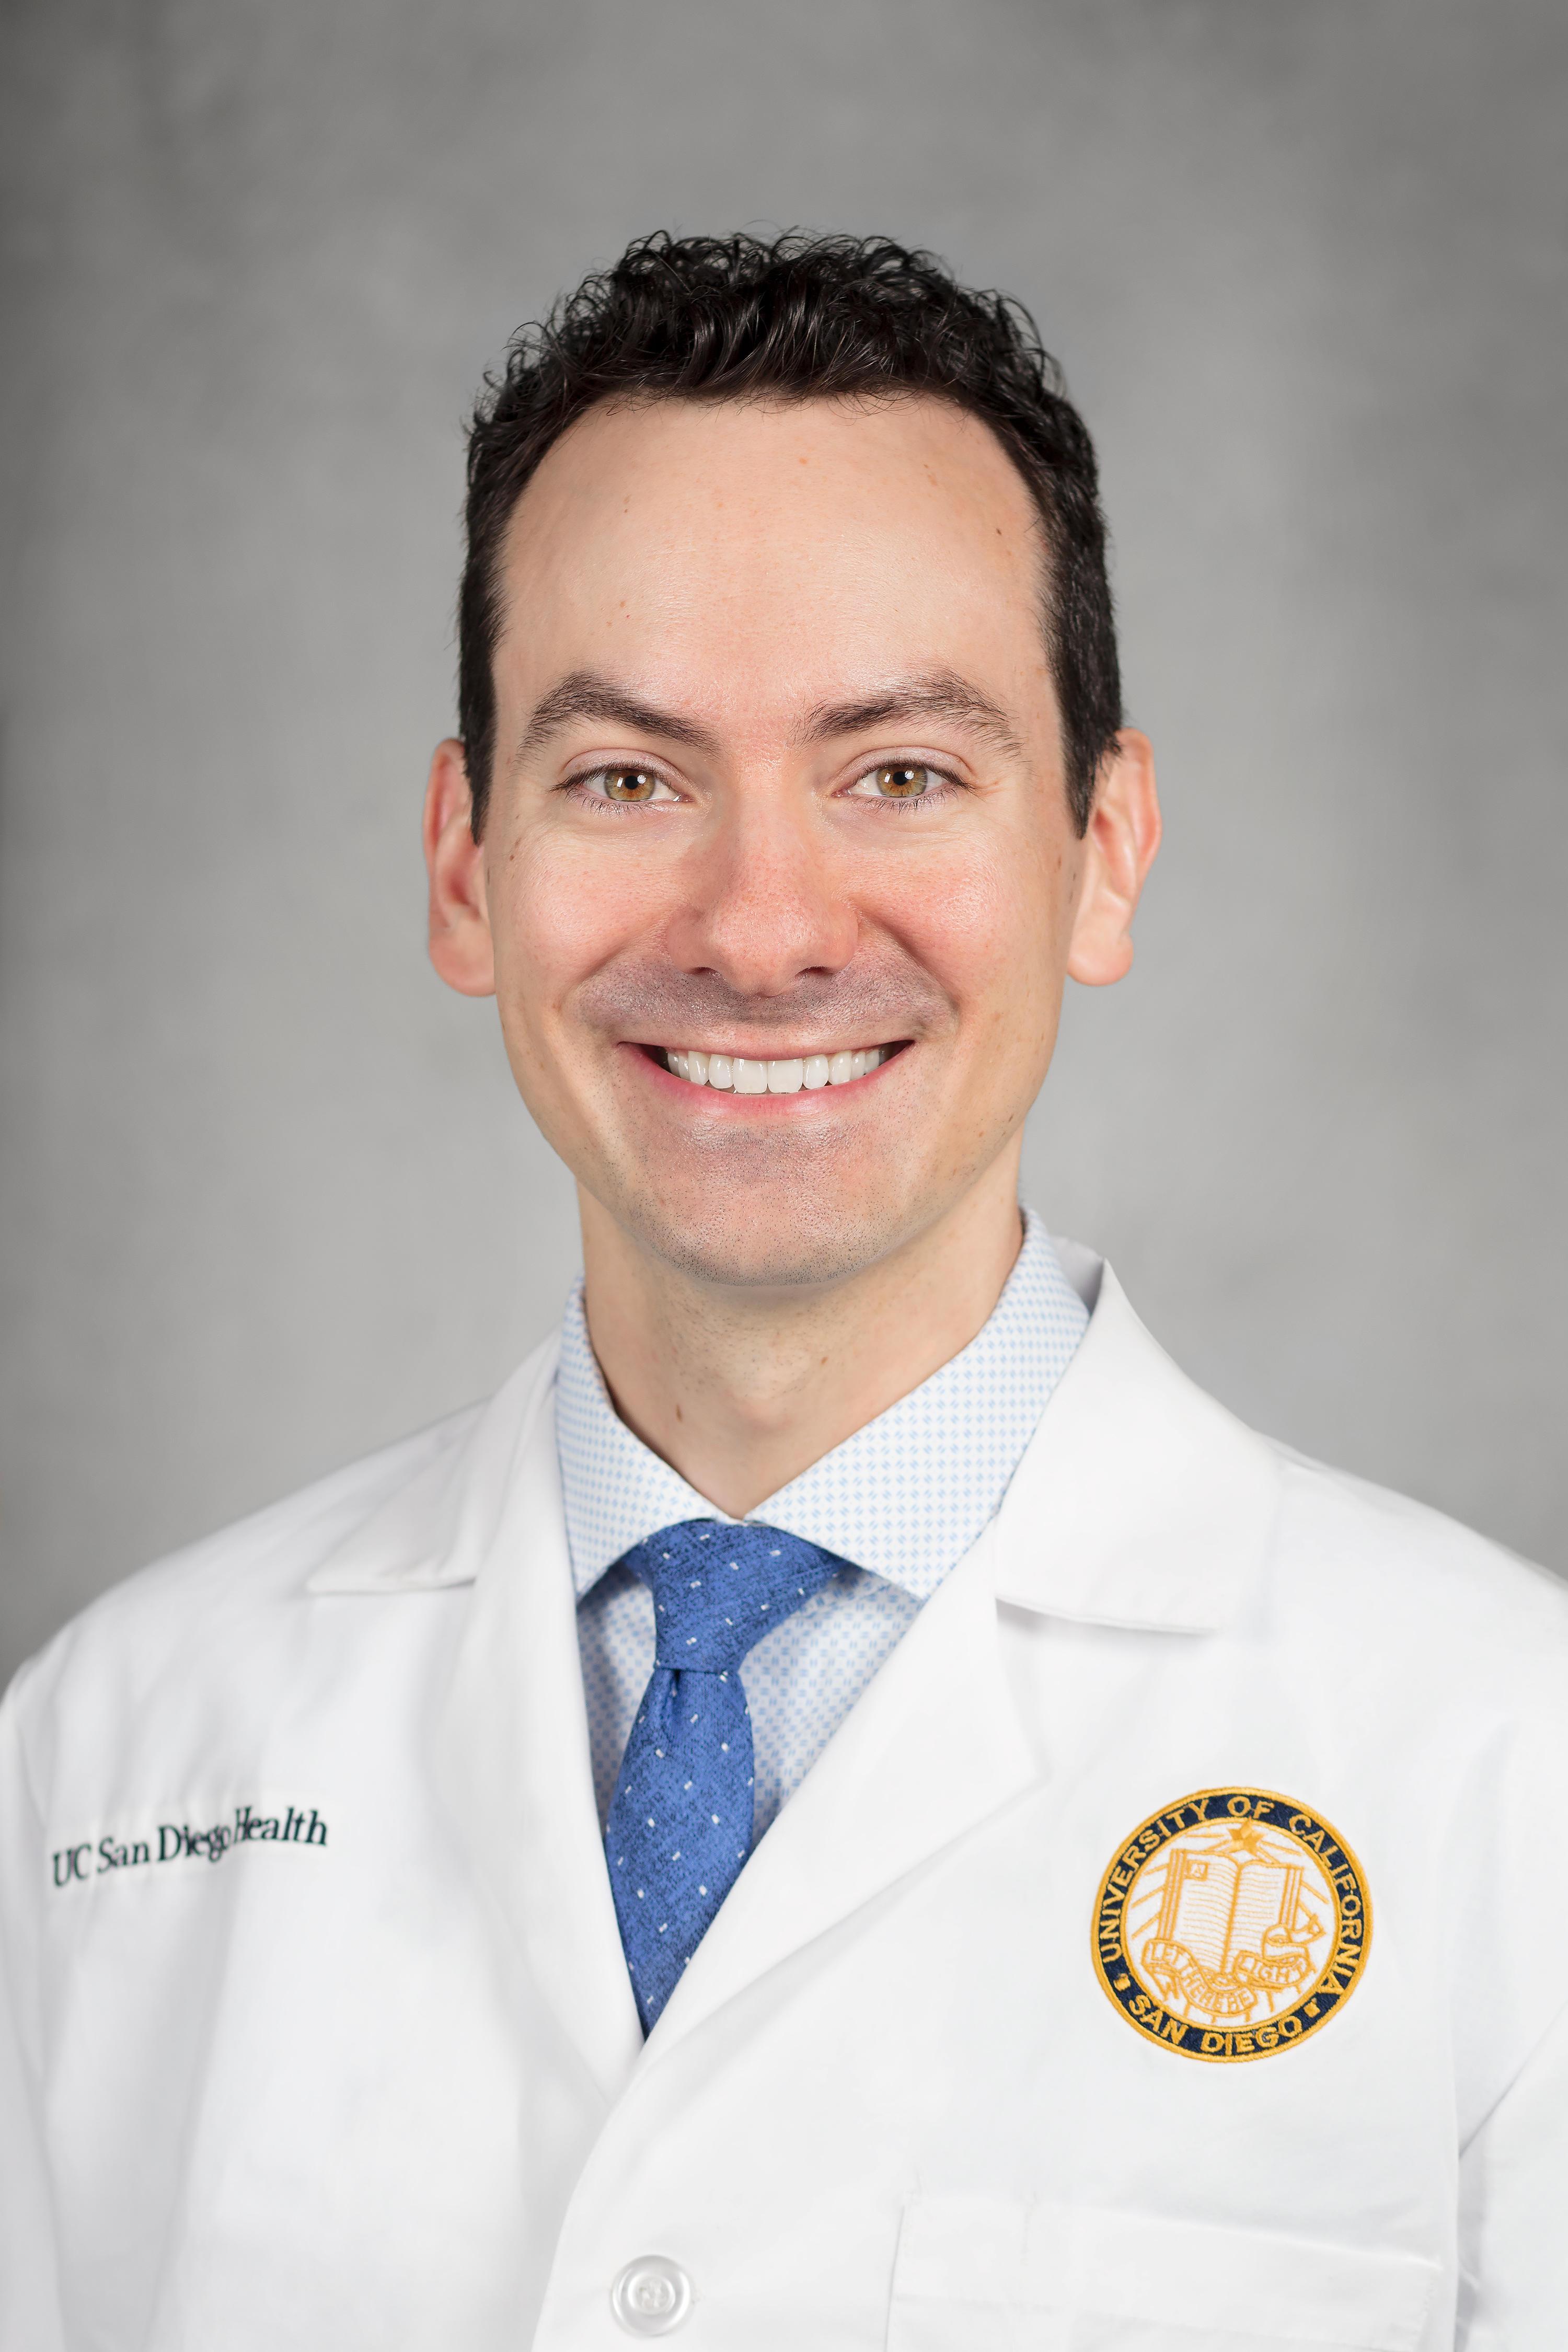 Michael J. Wilkinson, MD